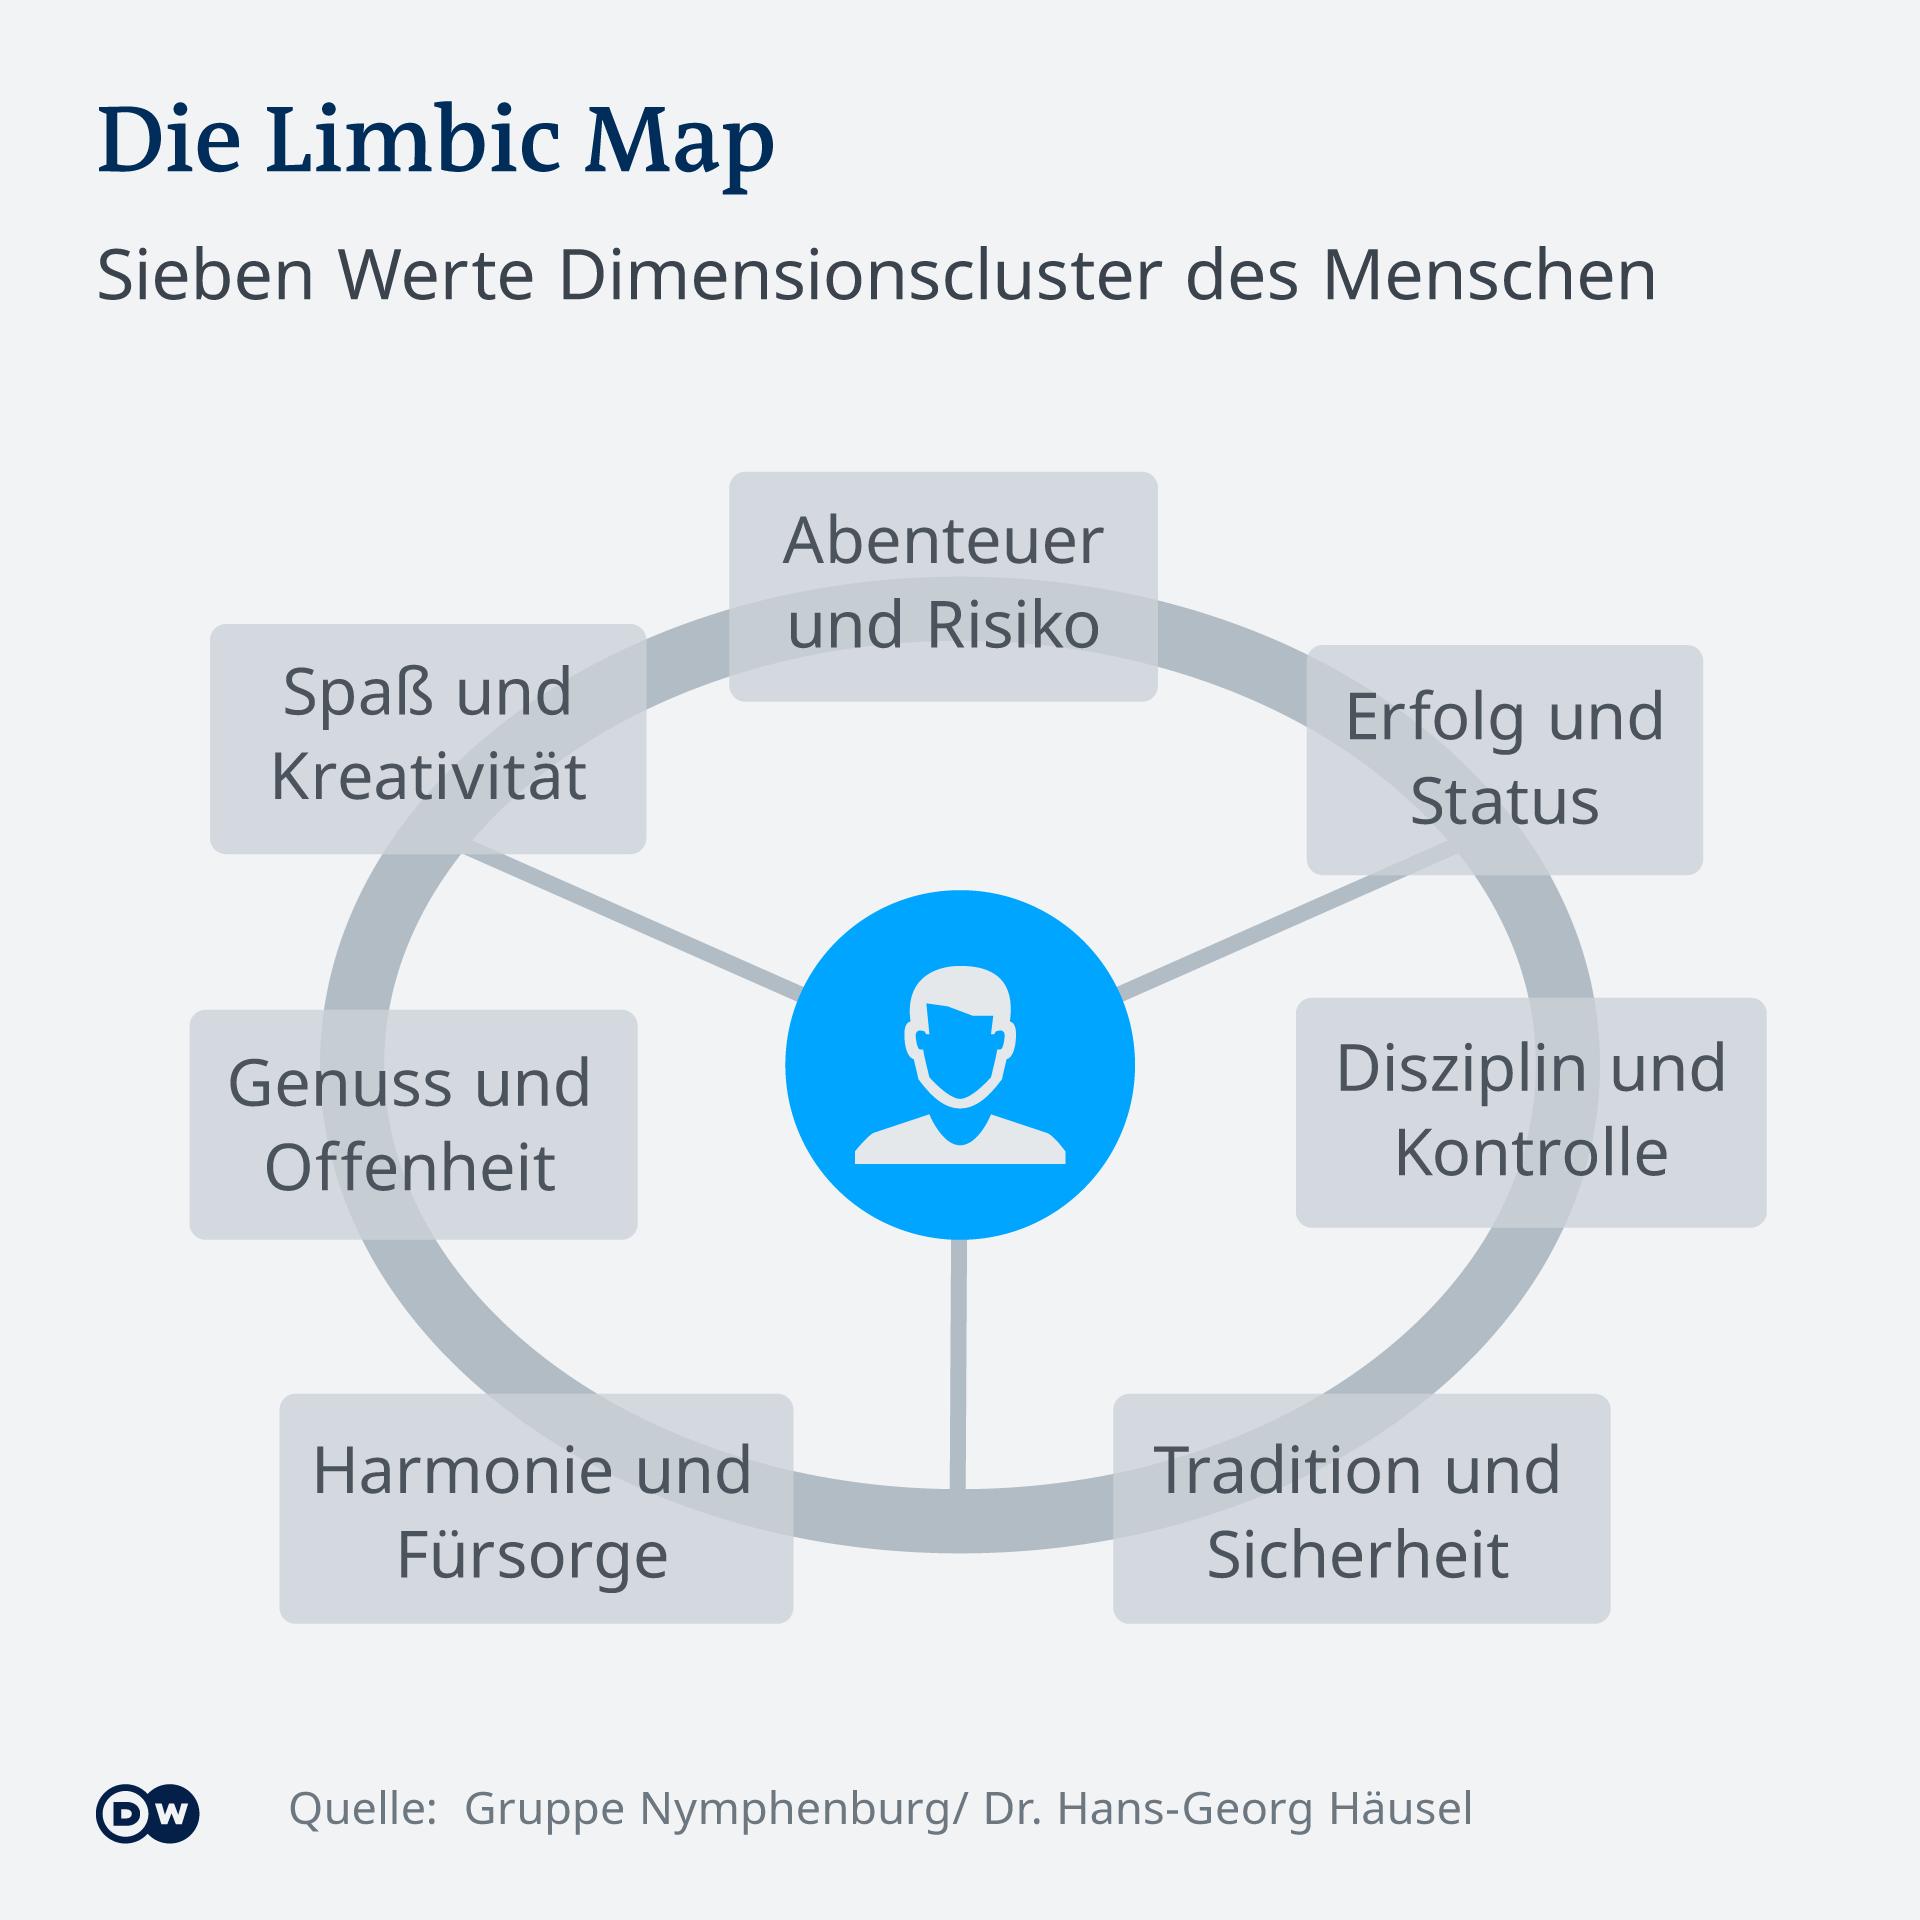 Die Infografik zeigt die Limbic Map, die Dr. Hans-Georg Häusel erfunden hat (mit Copyright): Sie unterscheidet in sieben Wertegruppen: Menschen, die Abenteuer und Risiko bevorzugen, Erfolg und Status, Disziplin und Kontrolle, Tradition und Sicherheit, Harmonie und Fürsorge, Genuss und Offenheit, sowie Spaß und Kreativität.